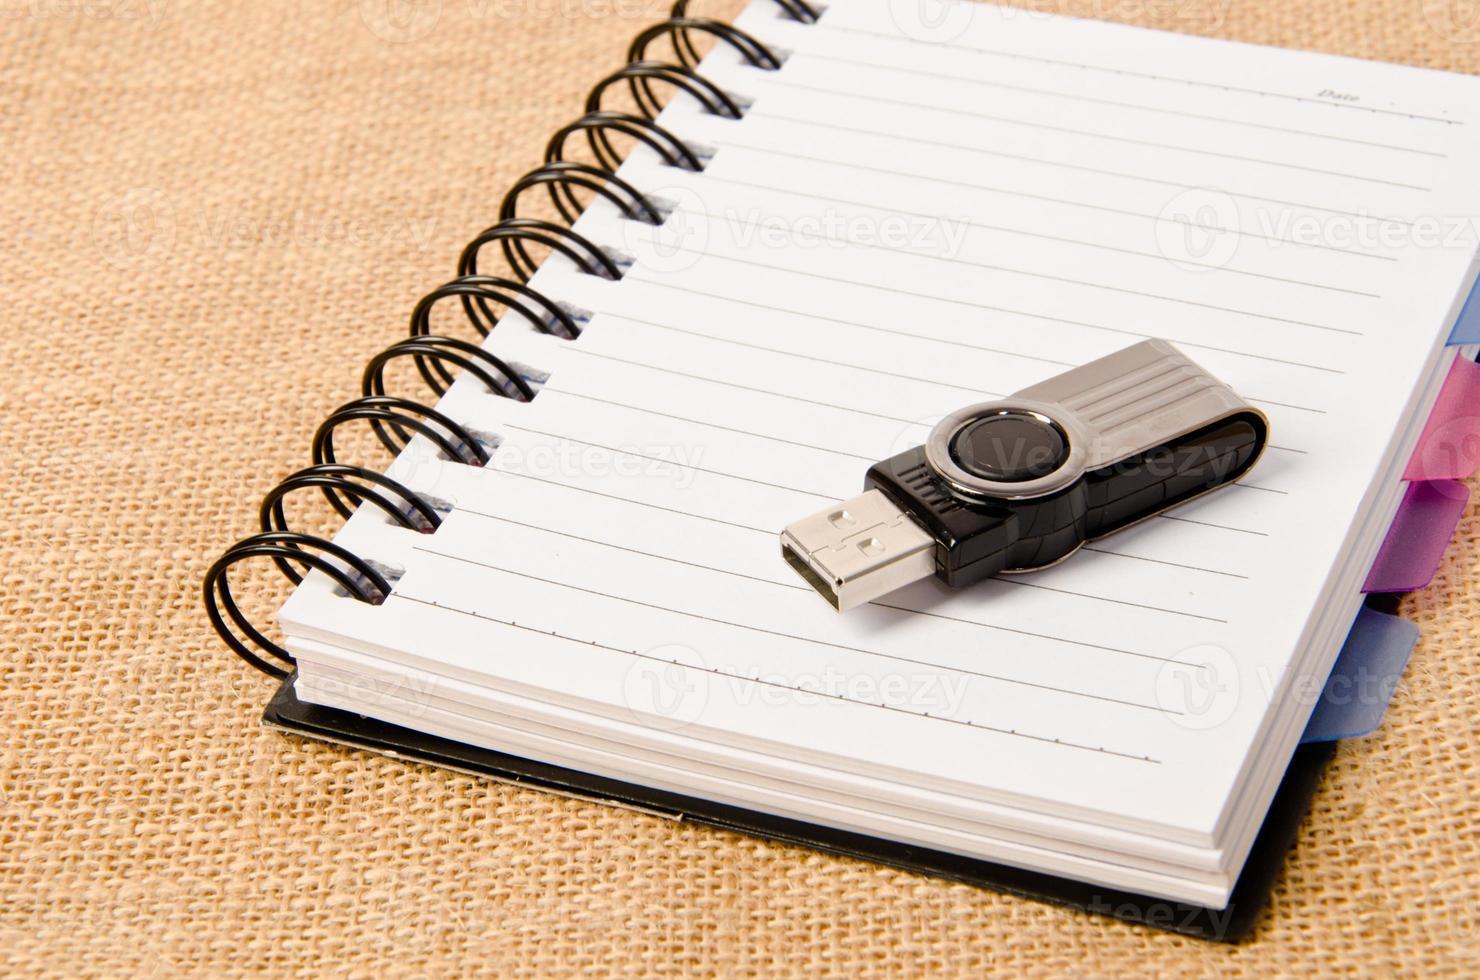 öppna dagbokets ringperm och flash-enhet foto